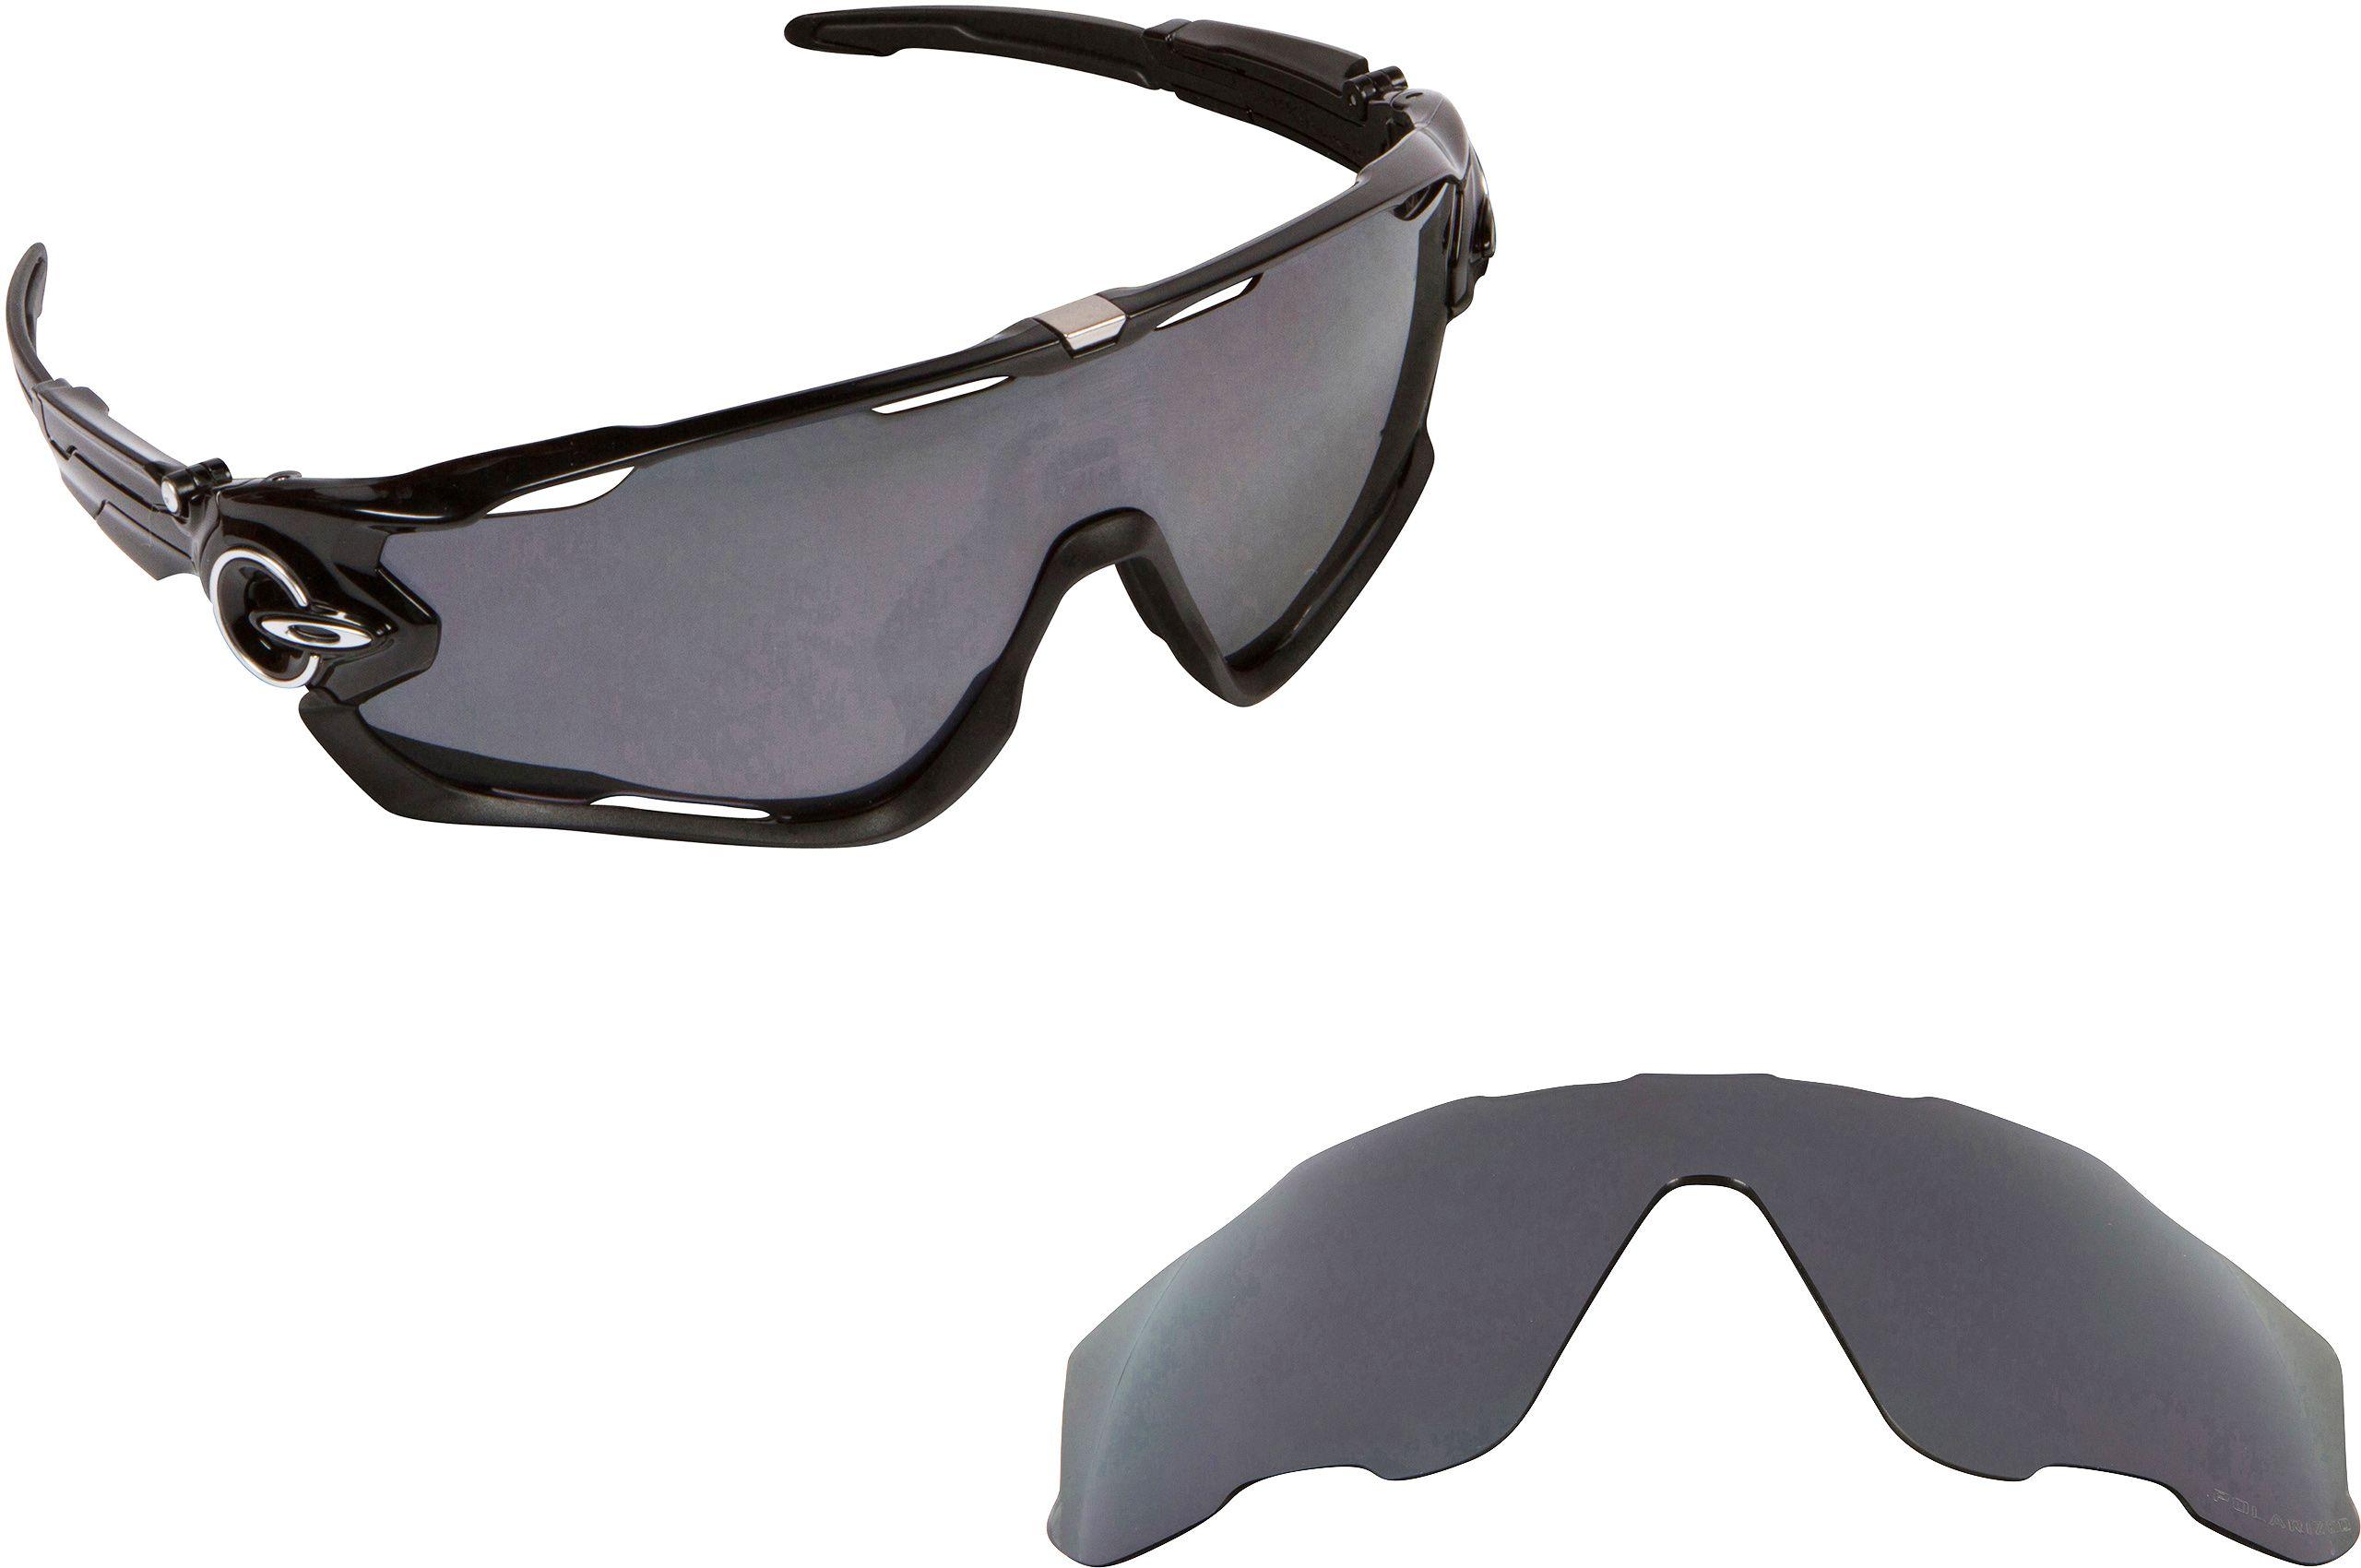 6afcd4ed70 Fits Oakley Jawbreaker | Products | Oakley jawbreaker, Oakley ...